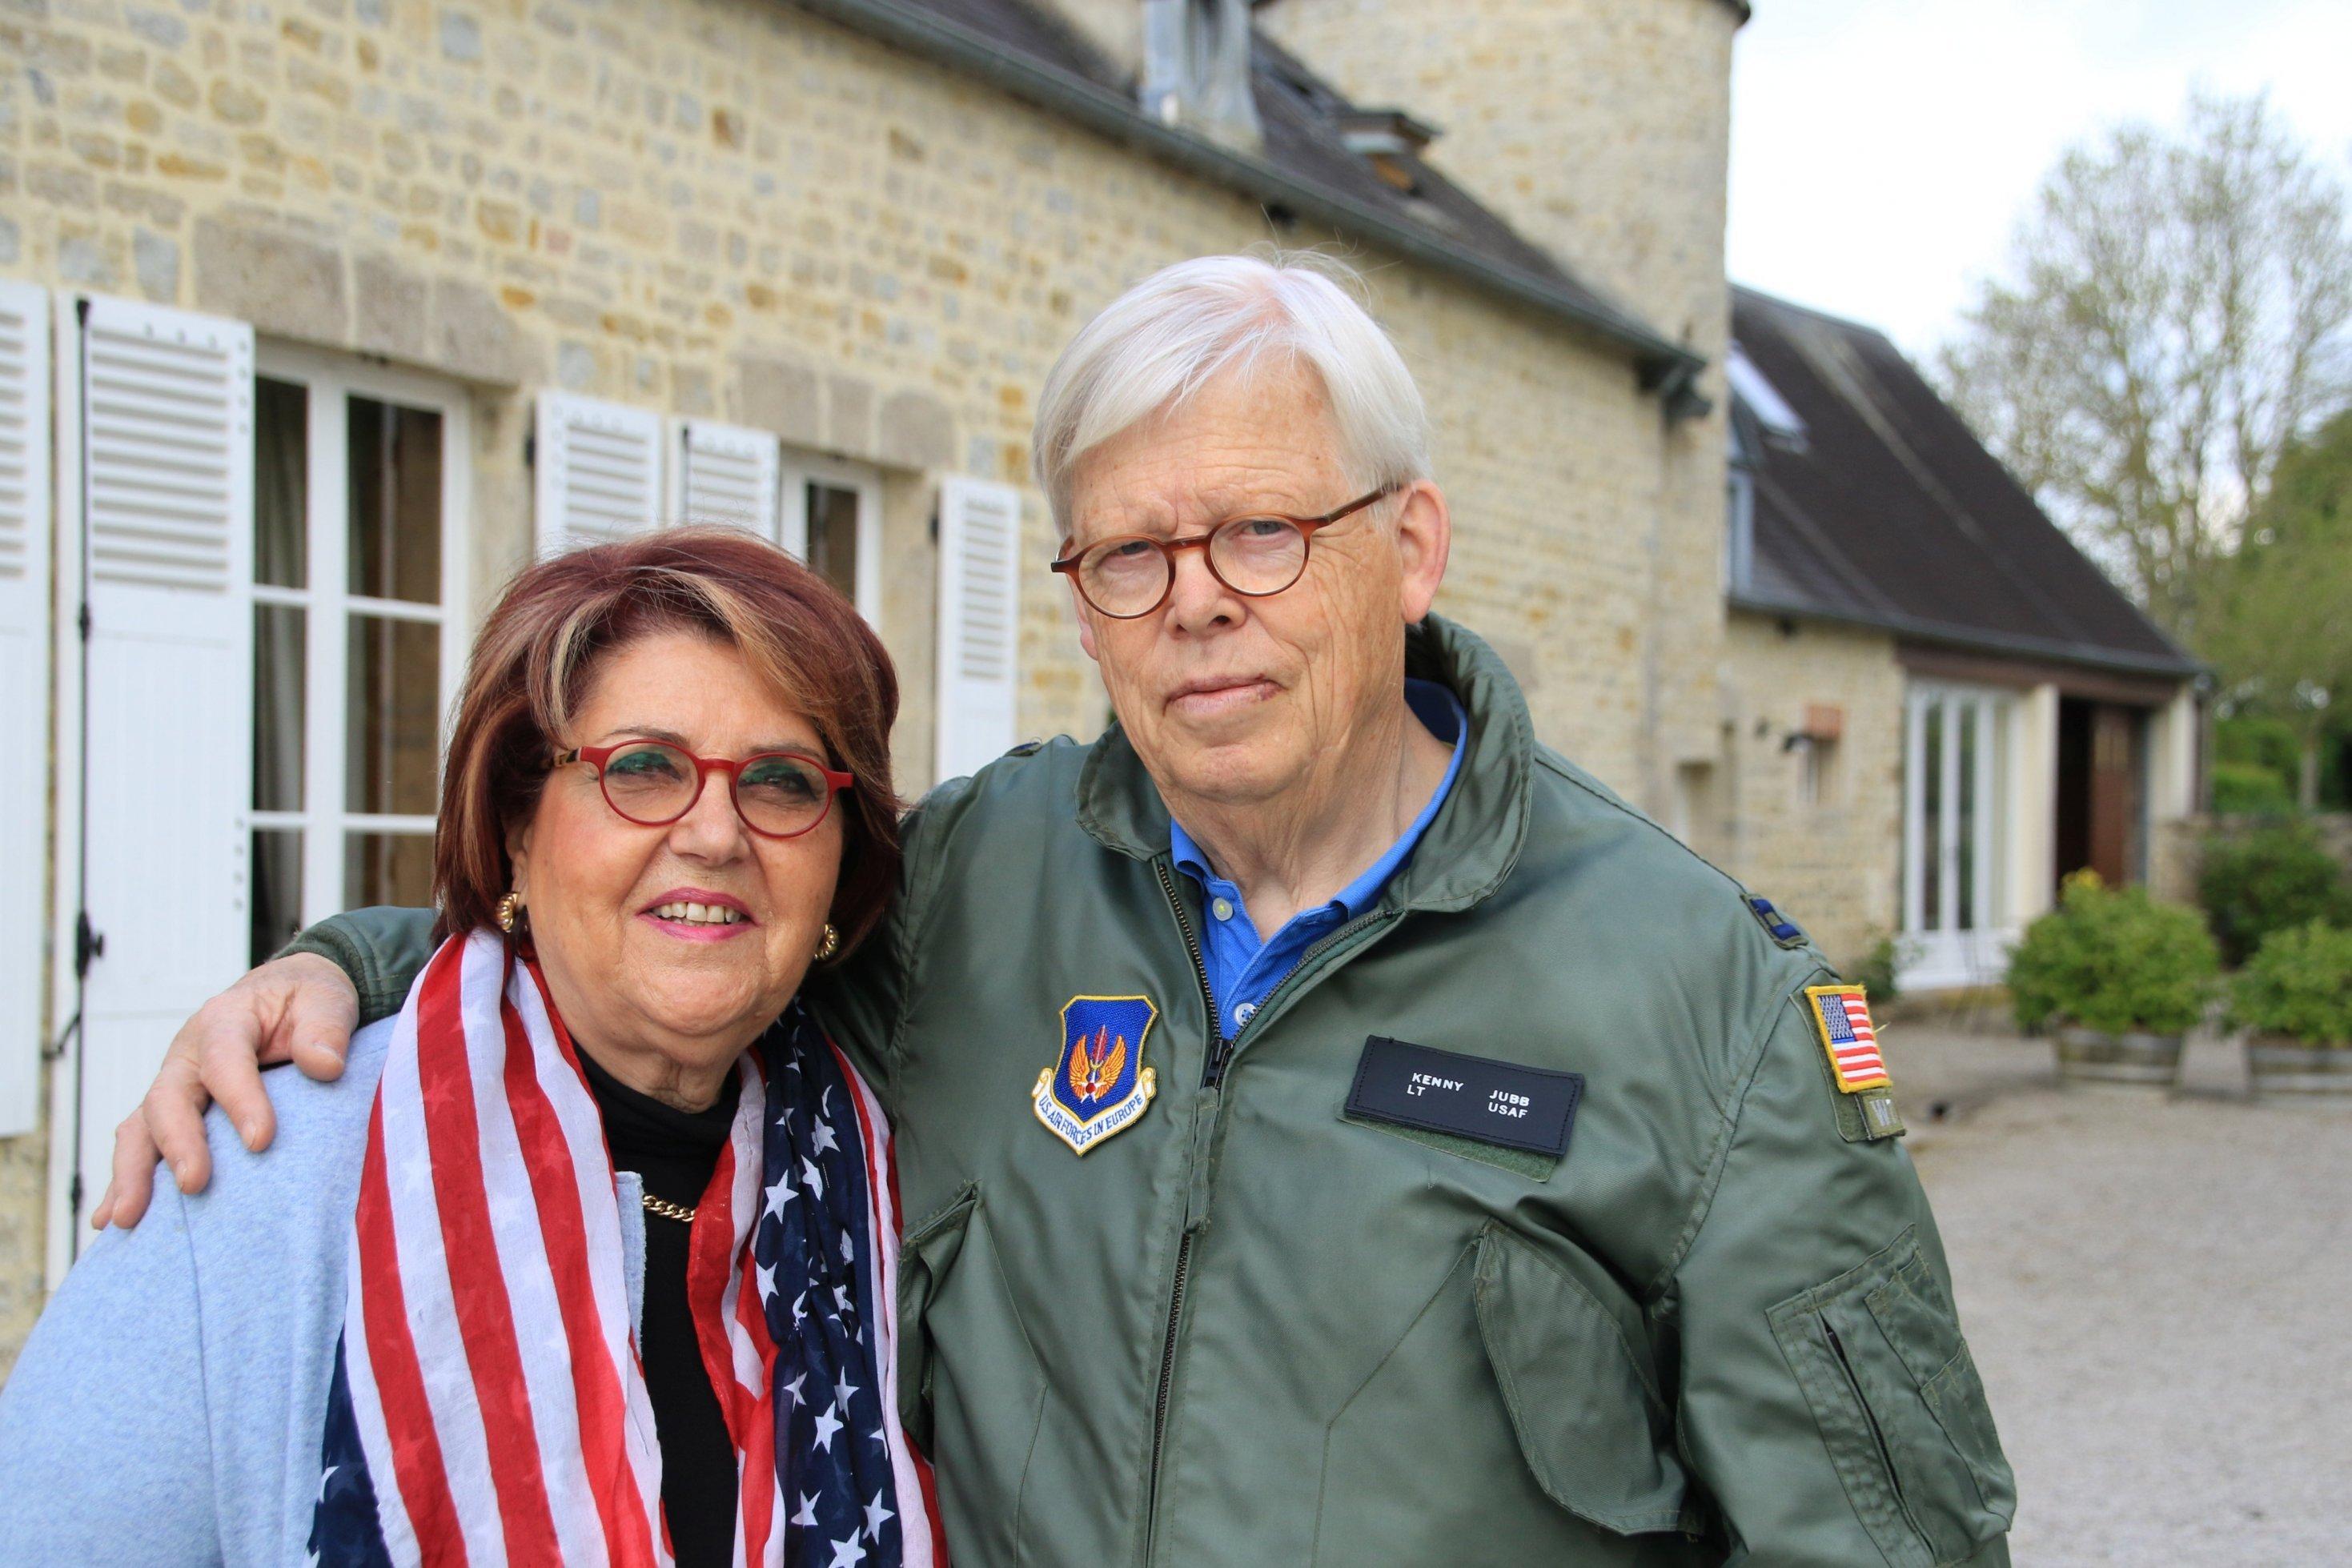 Ein älteres Ehepaar, er trägt Bomberjacke, sie einen Schal mit der US-Flagge